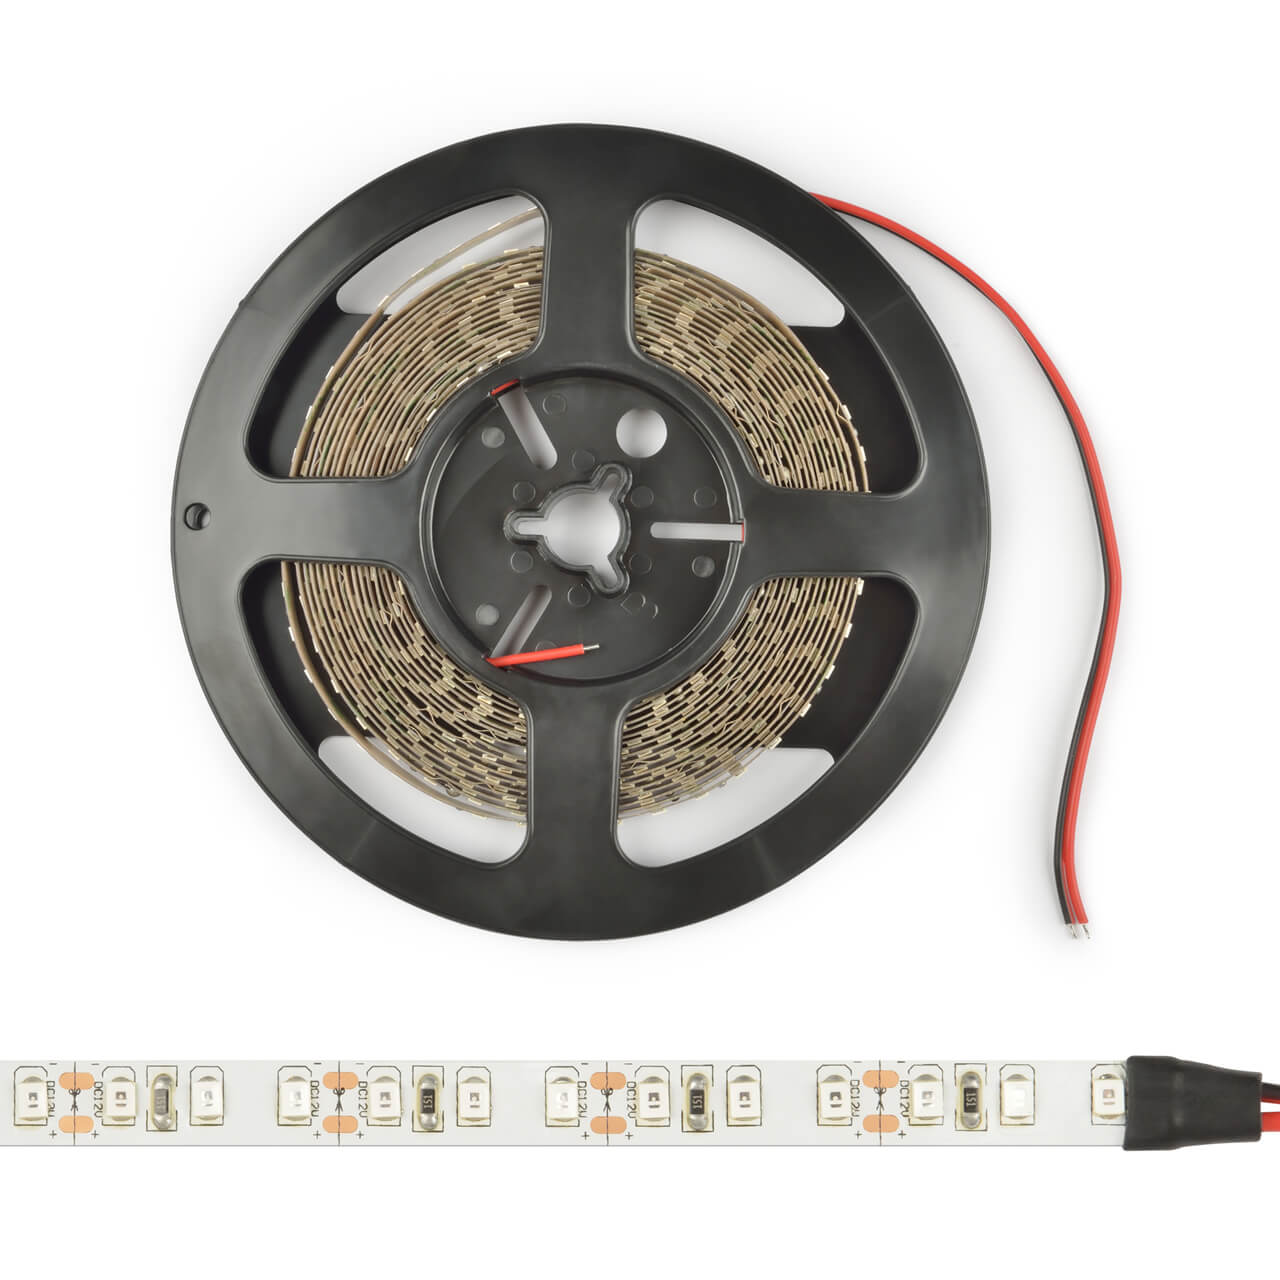 цена на Светодиодная лента Uniel (UL-00004357) 4,8W/m 60LED/m 2835SMD белый 5M ULS-M11-2835-60LED/m-8mm-IP20-DC12V-4,8W/m-5M-4000K PROFI